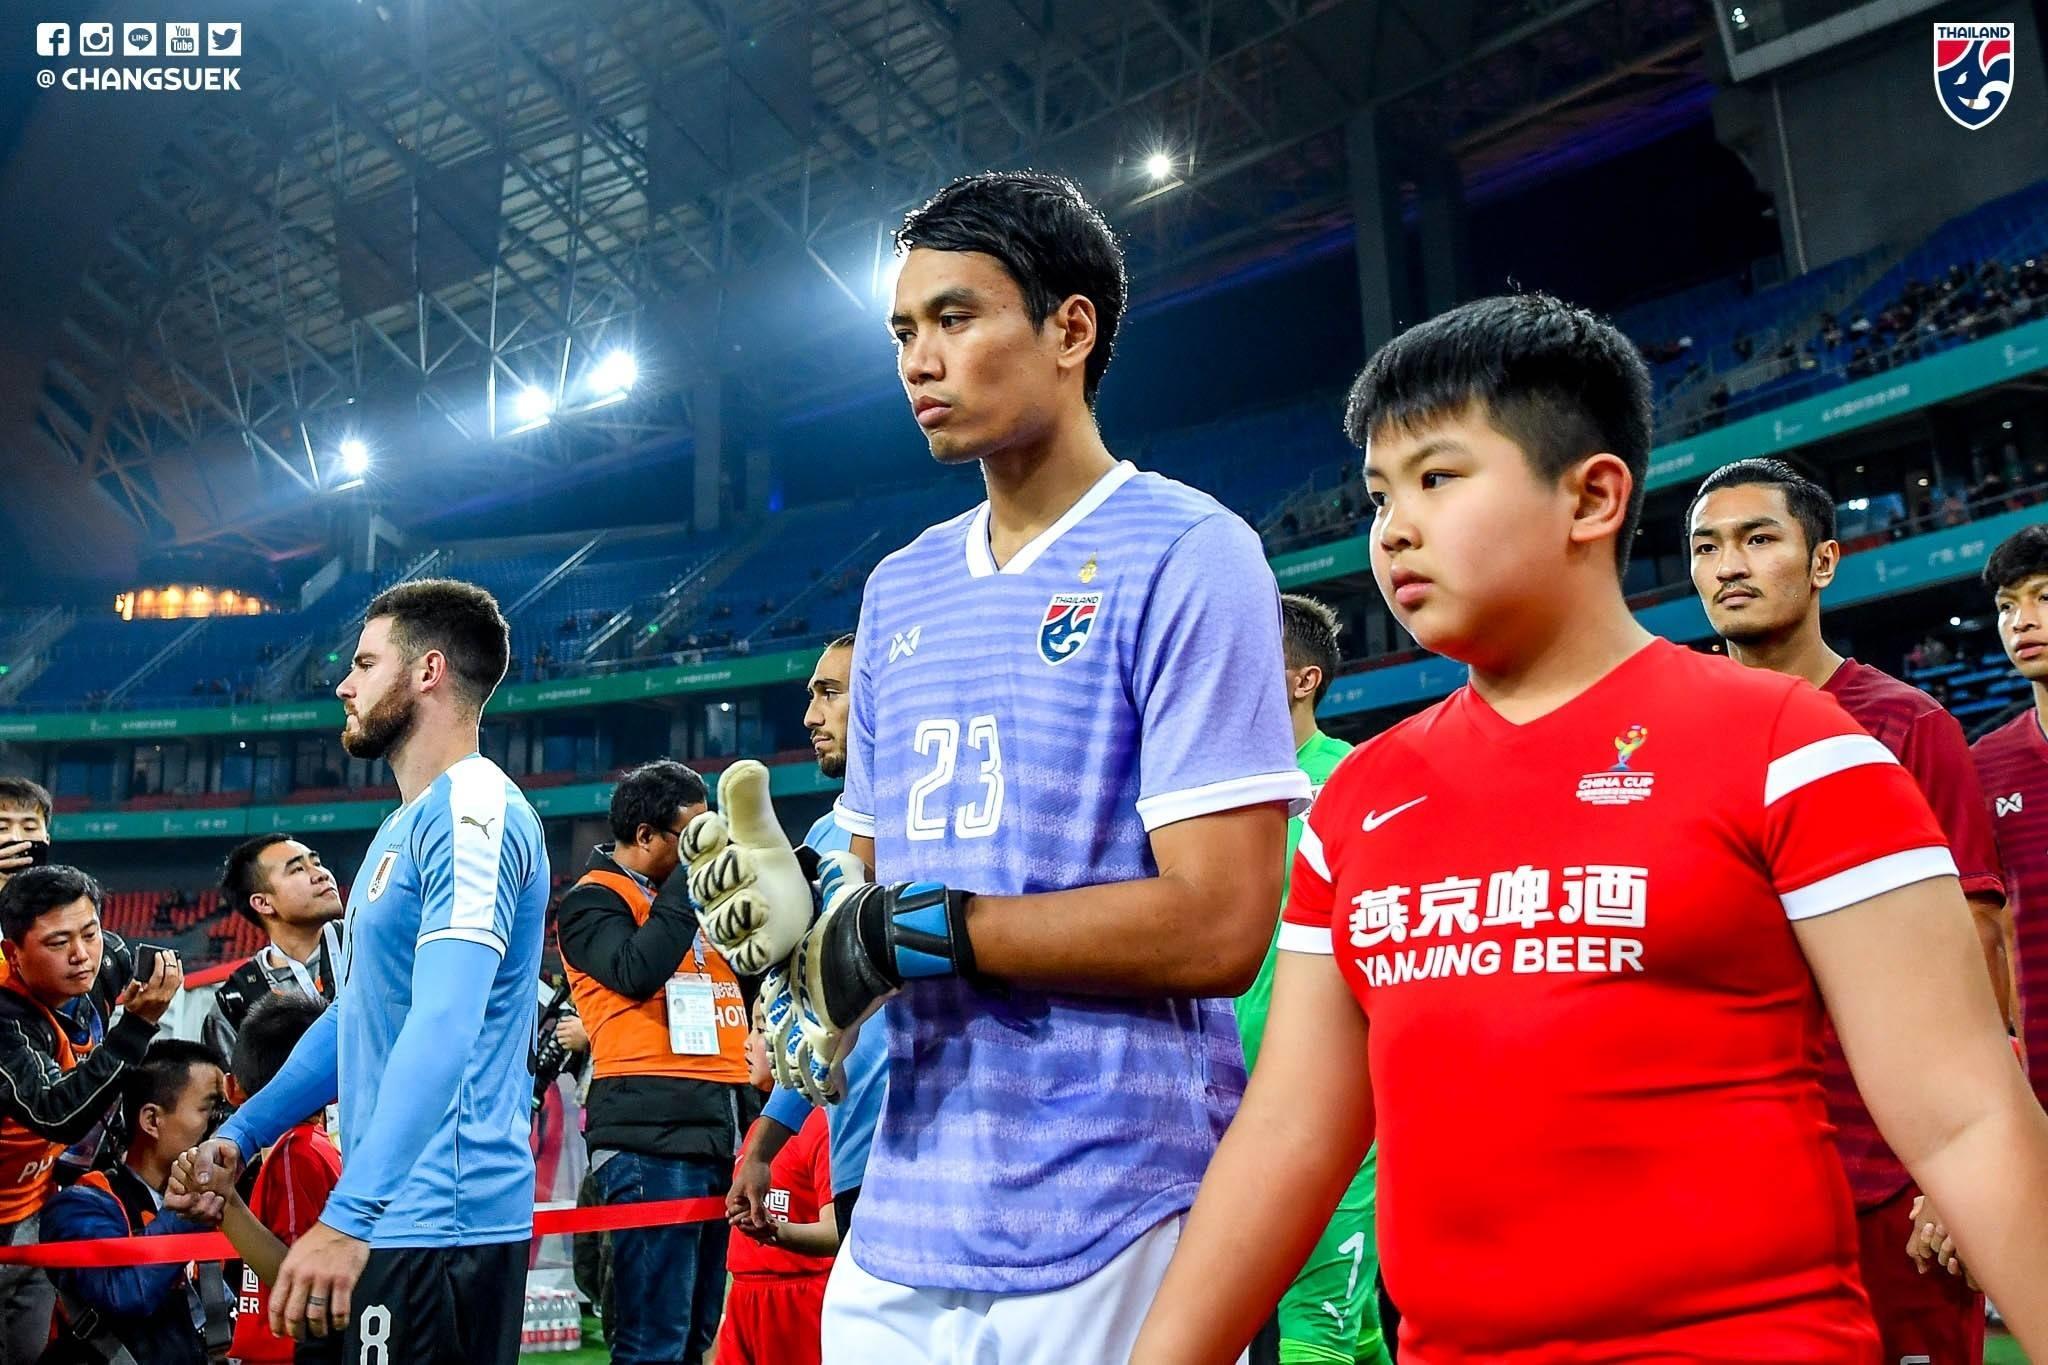 Fact หลังเกม : 5 เรื่องดีที่ได้เห็นแม้ ทีมชาติไทย แพ้ อุรุกวัย 0-4